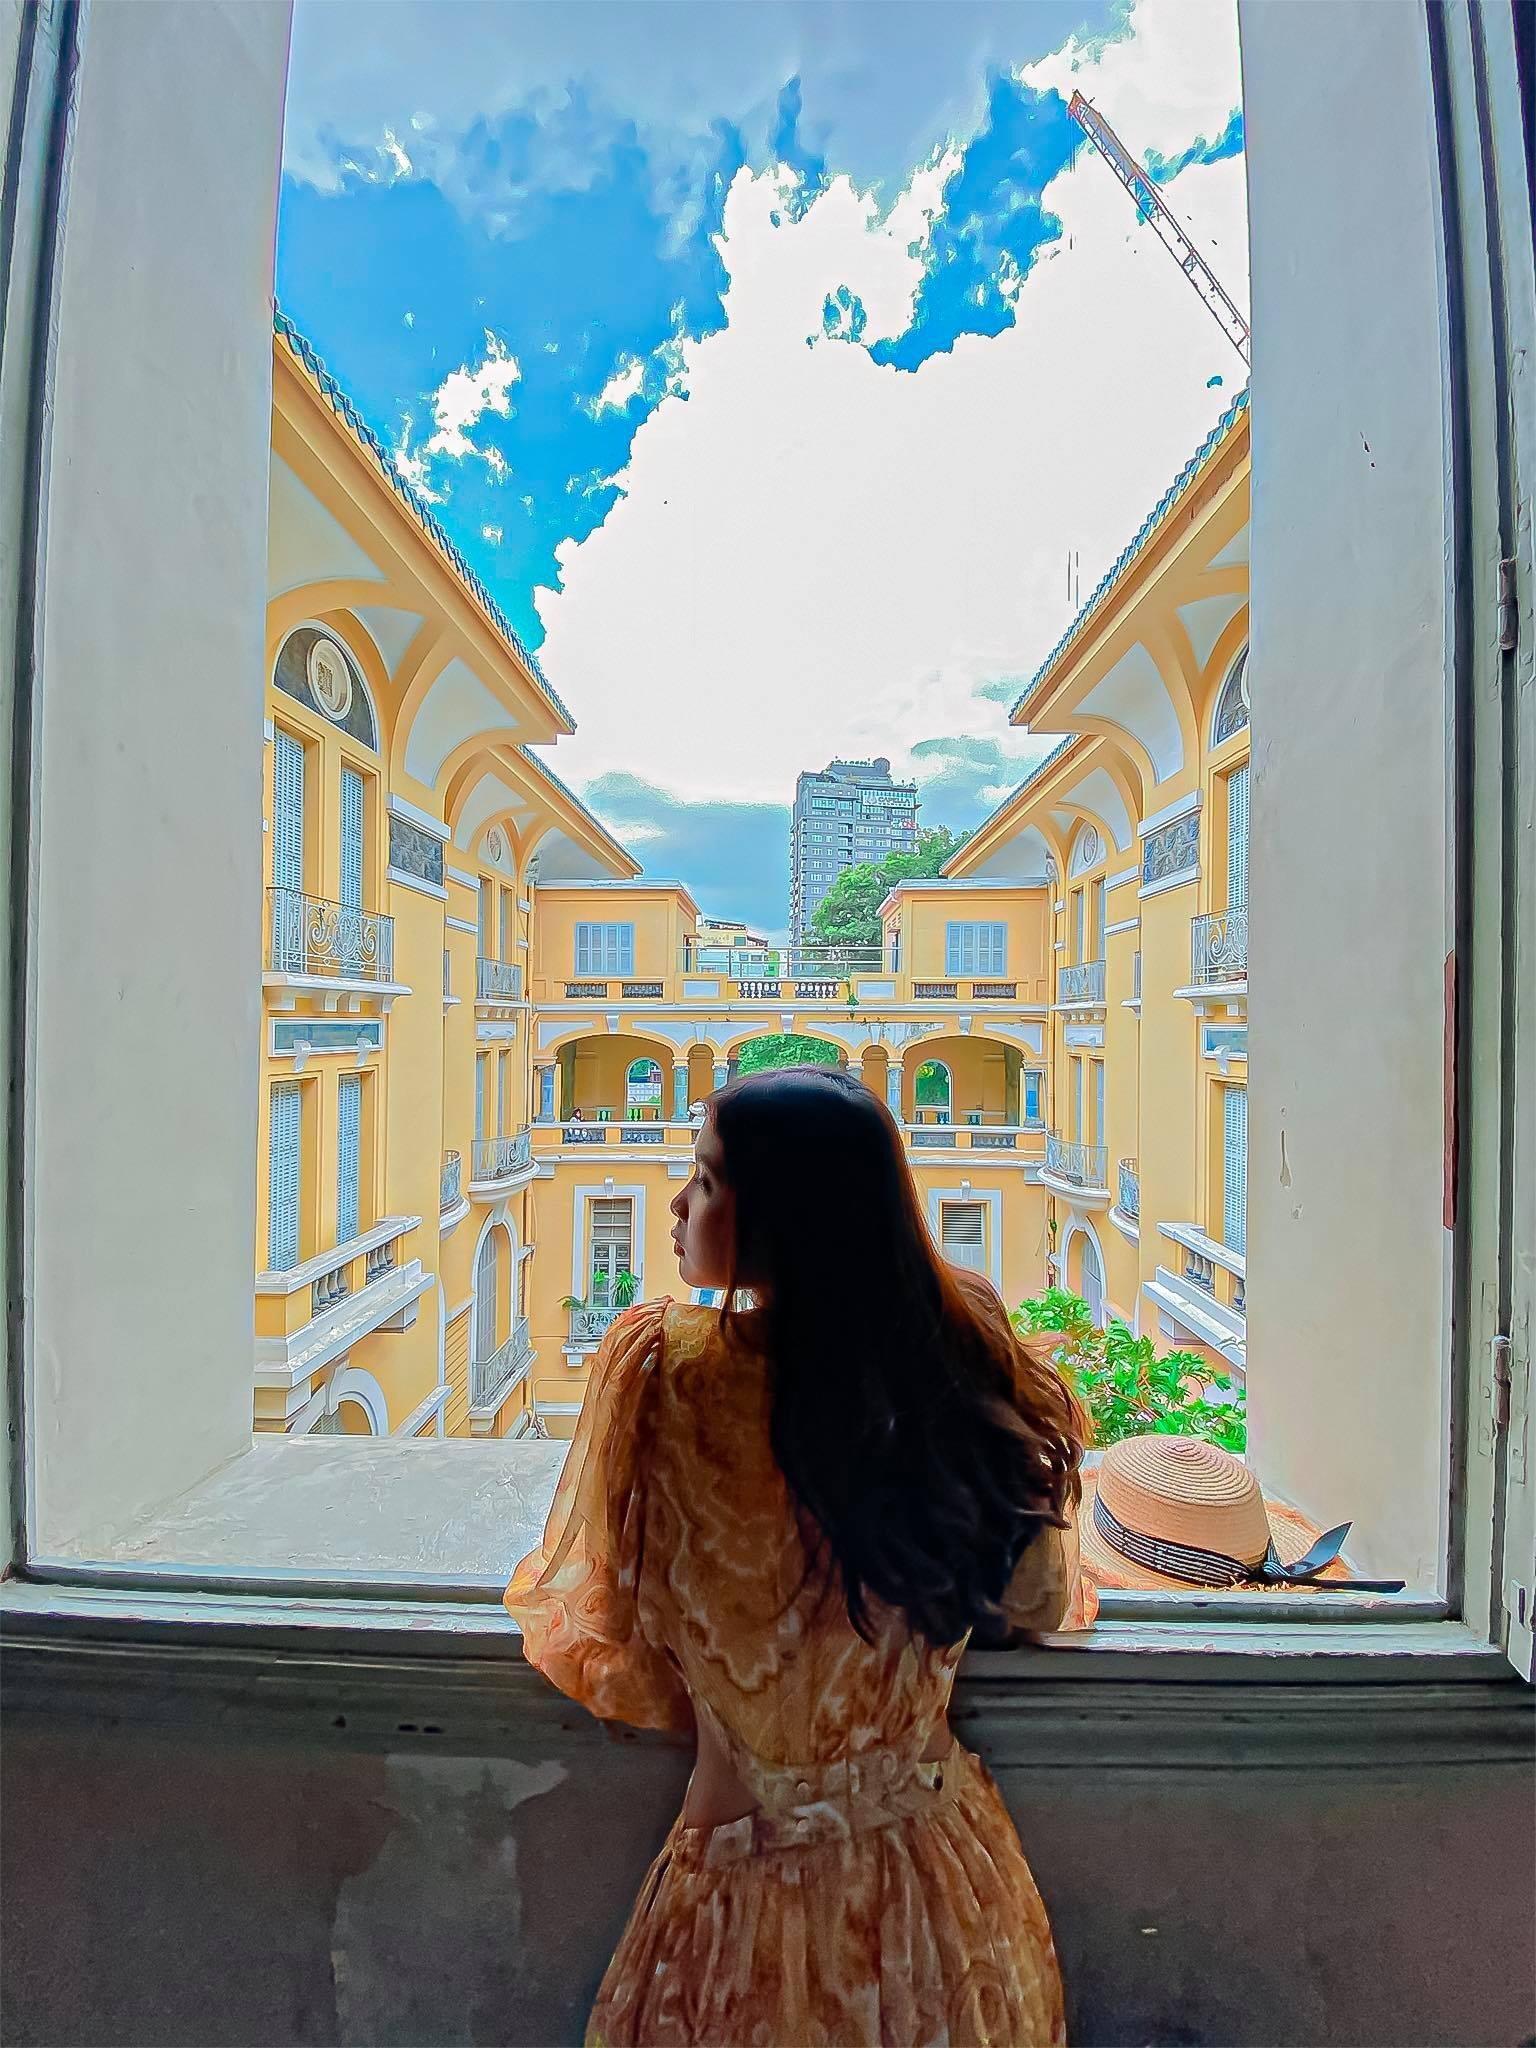 Check in bảo tàng Mỹ thuật đẹp như trời Âu ngay tại Sài Gòn.